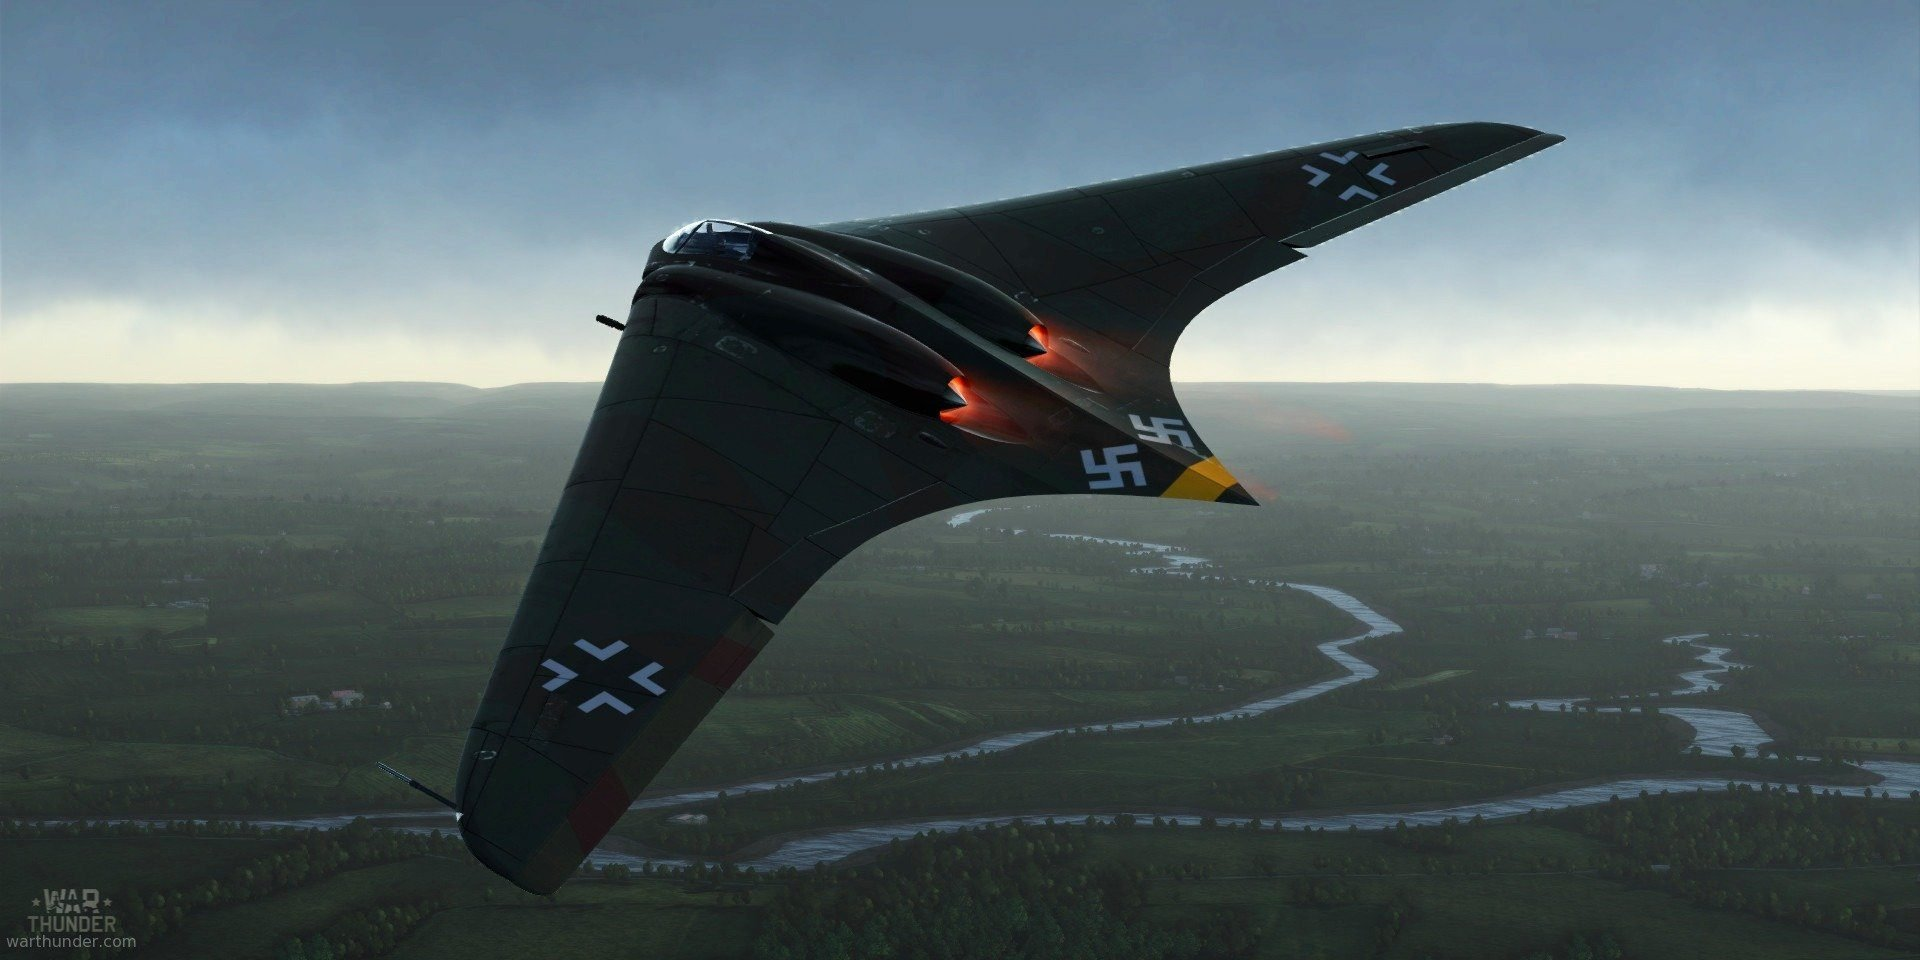 Horten Ho 229 - първият реактивен самолет - летящо крило